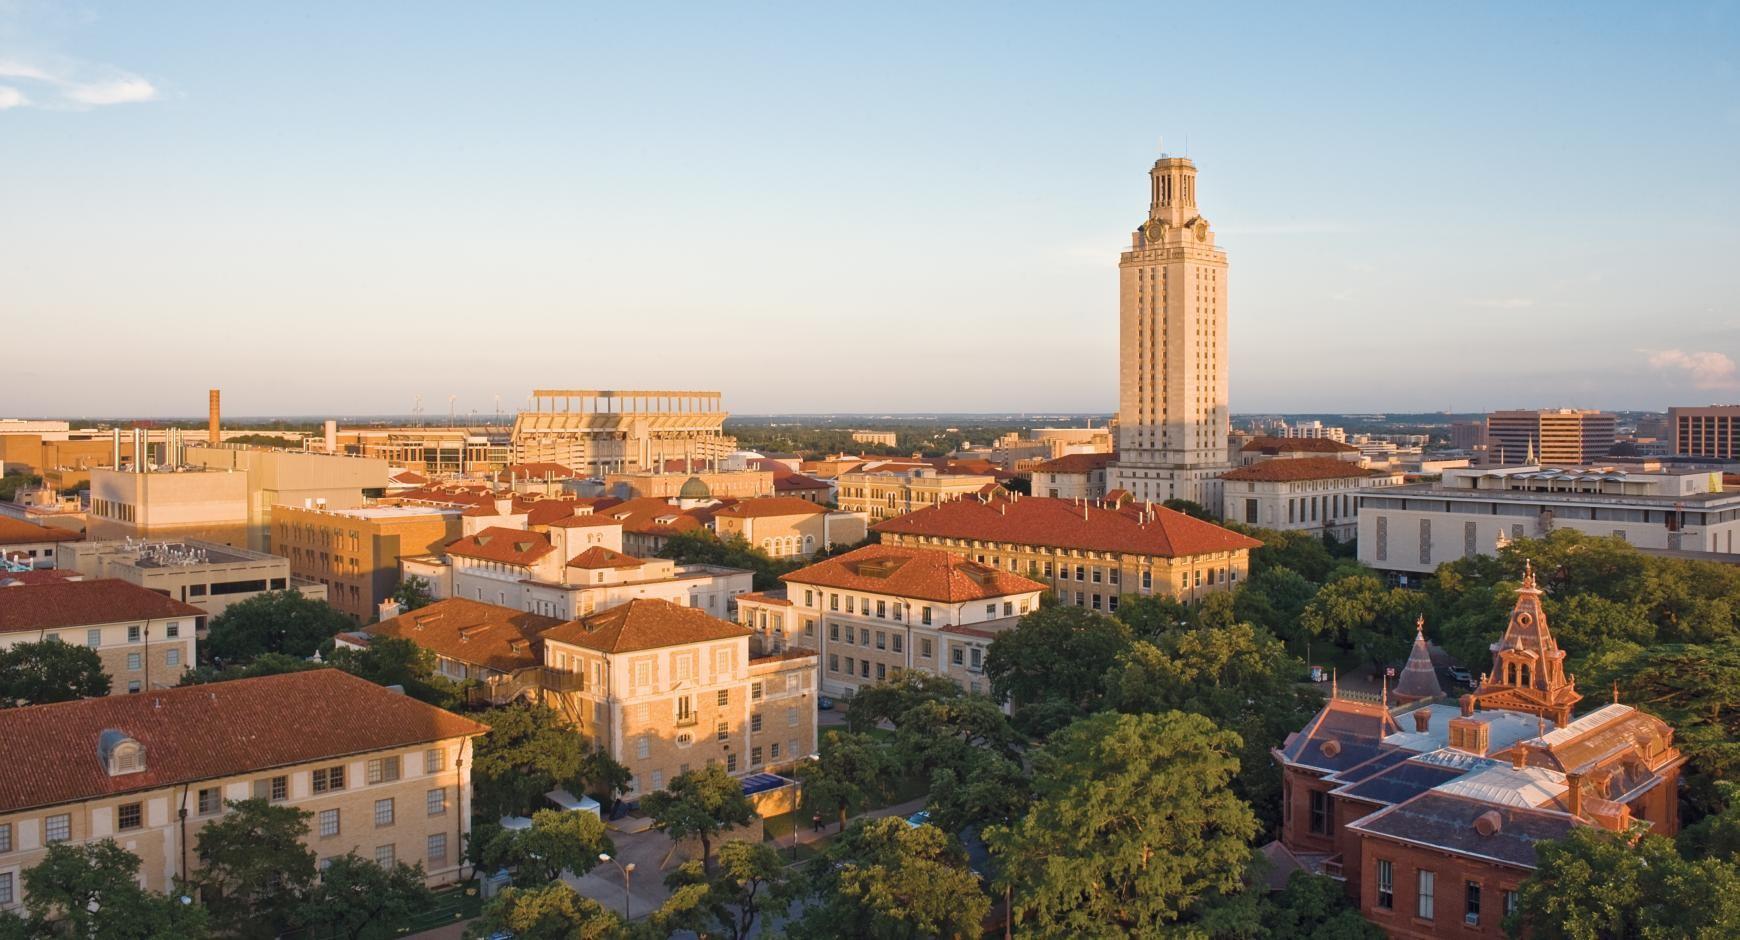 Imagen del campus del equipo de natación de los Texas Longhorns